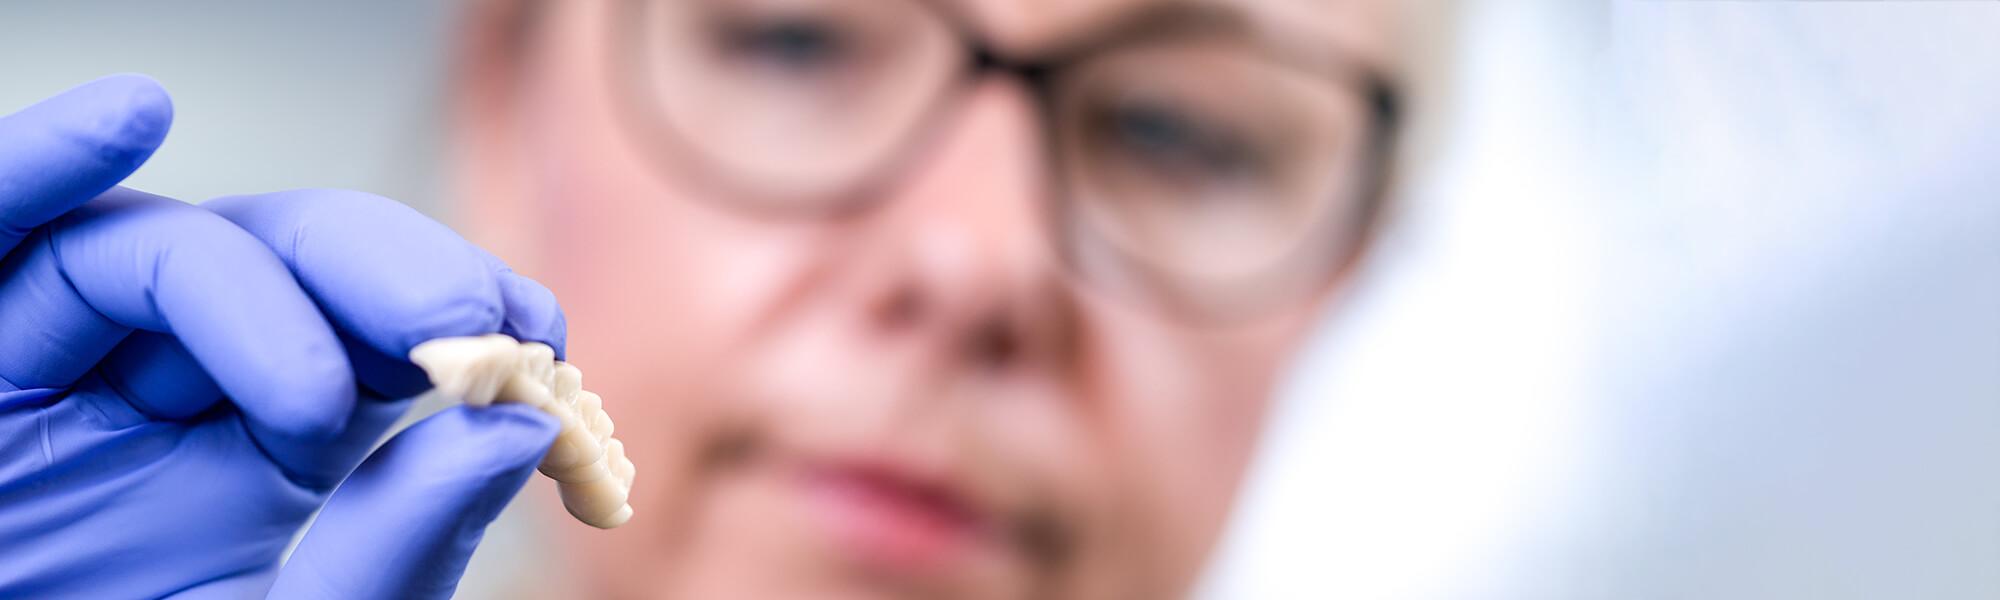 Zahnärztin Eisleben - Brockmann - Leistungen Slider